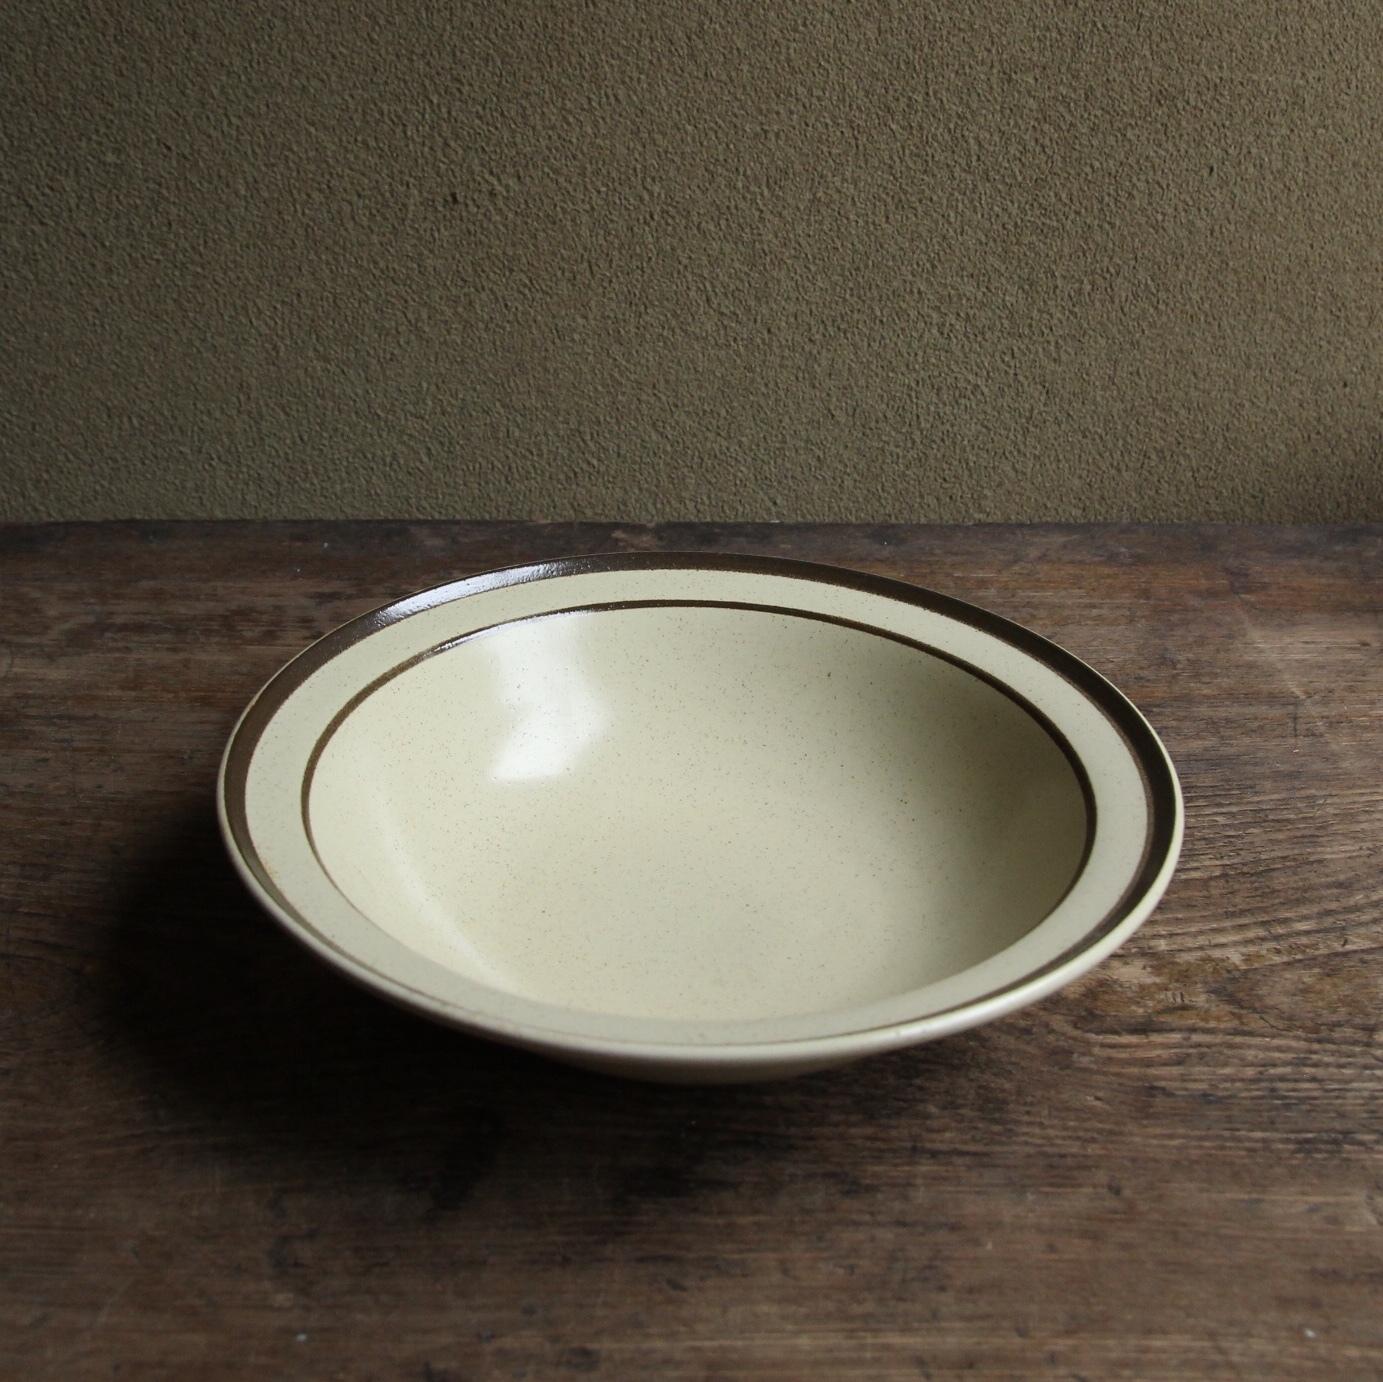 アポロ ストーンウェア スープ皿 在庫2枚